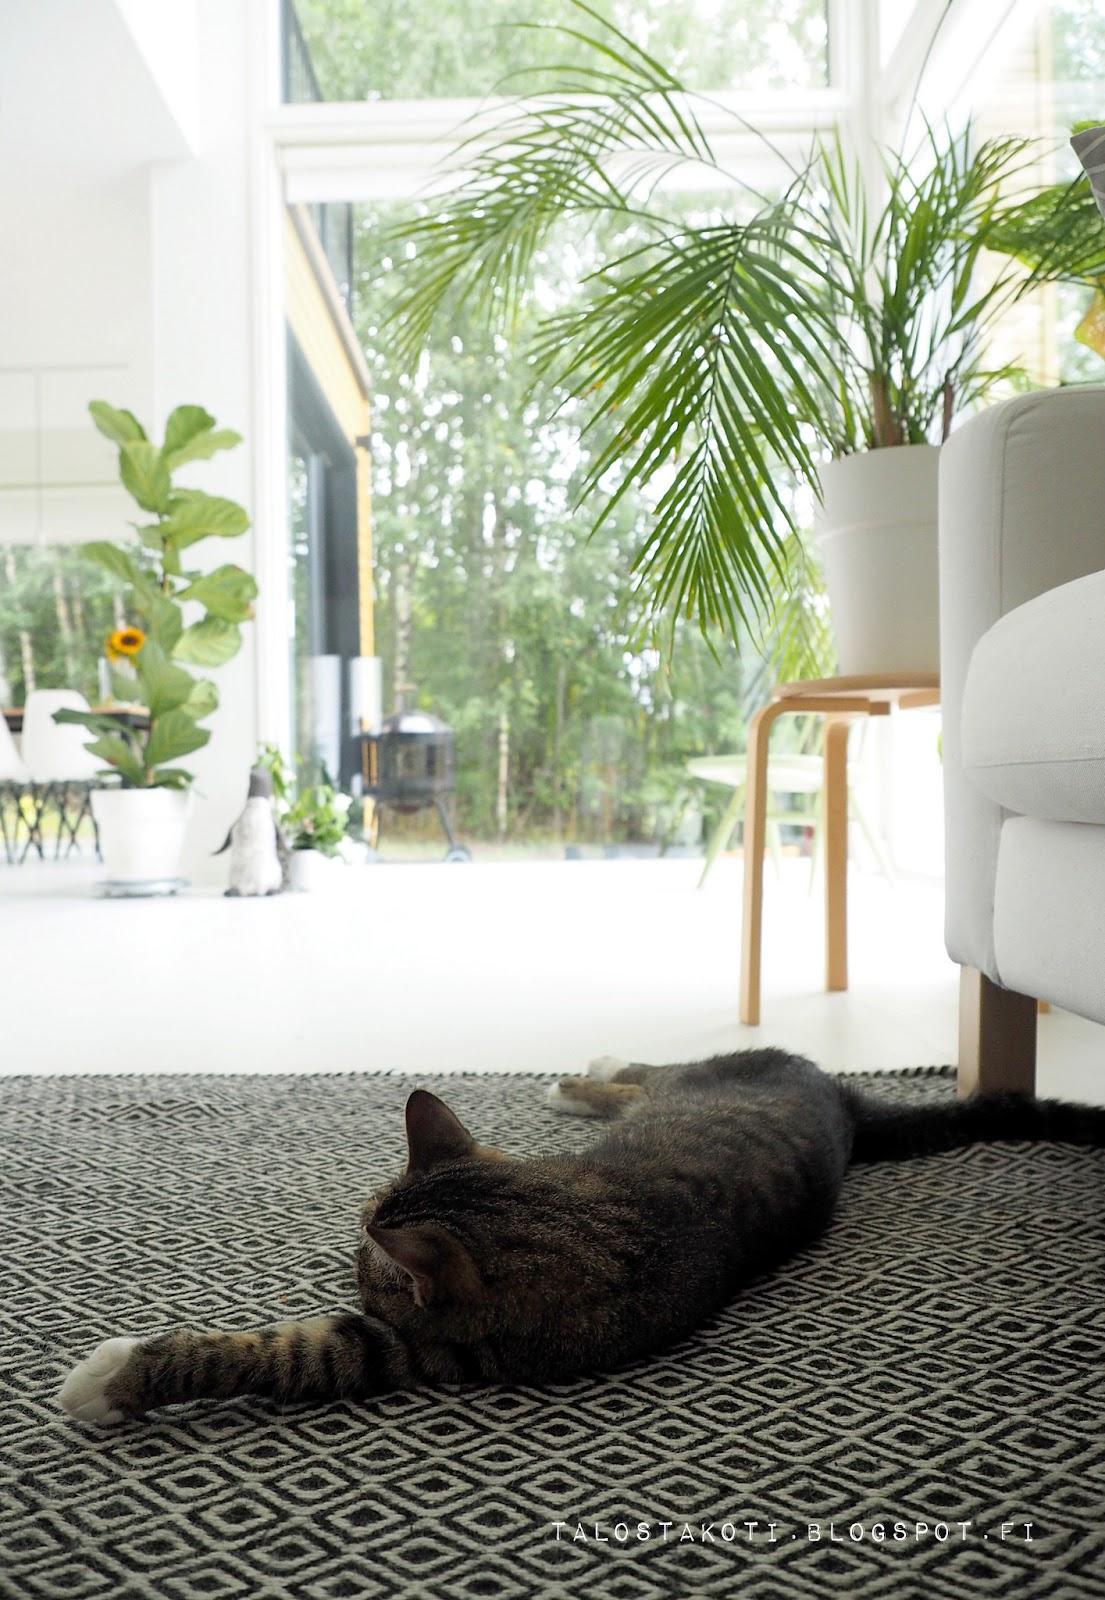 Kissa pötköttää, olohuone, viherkasvi, sisustus